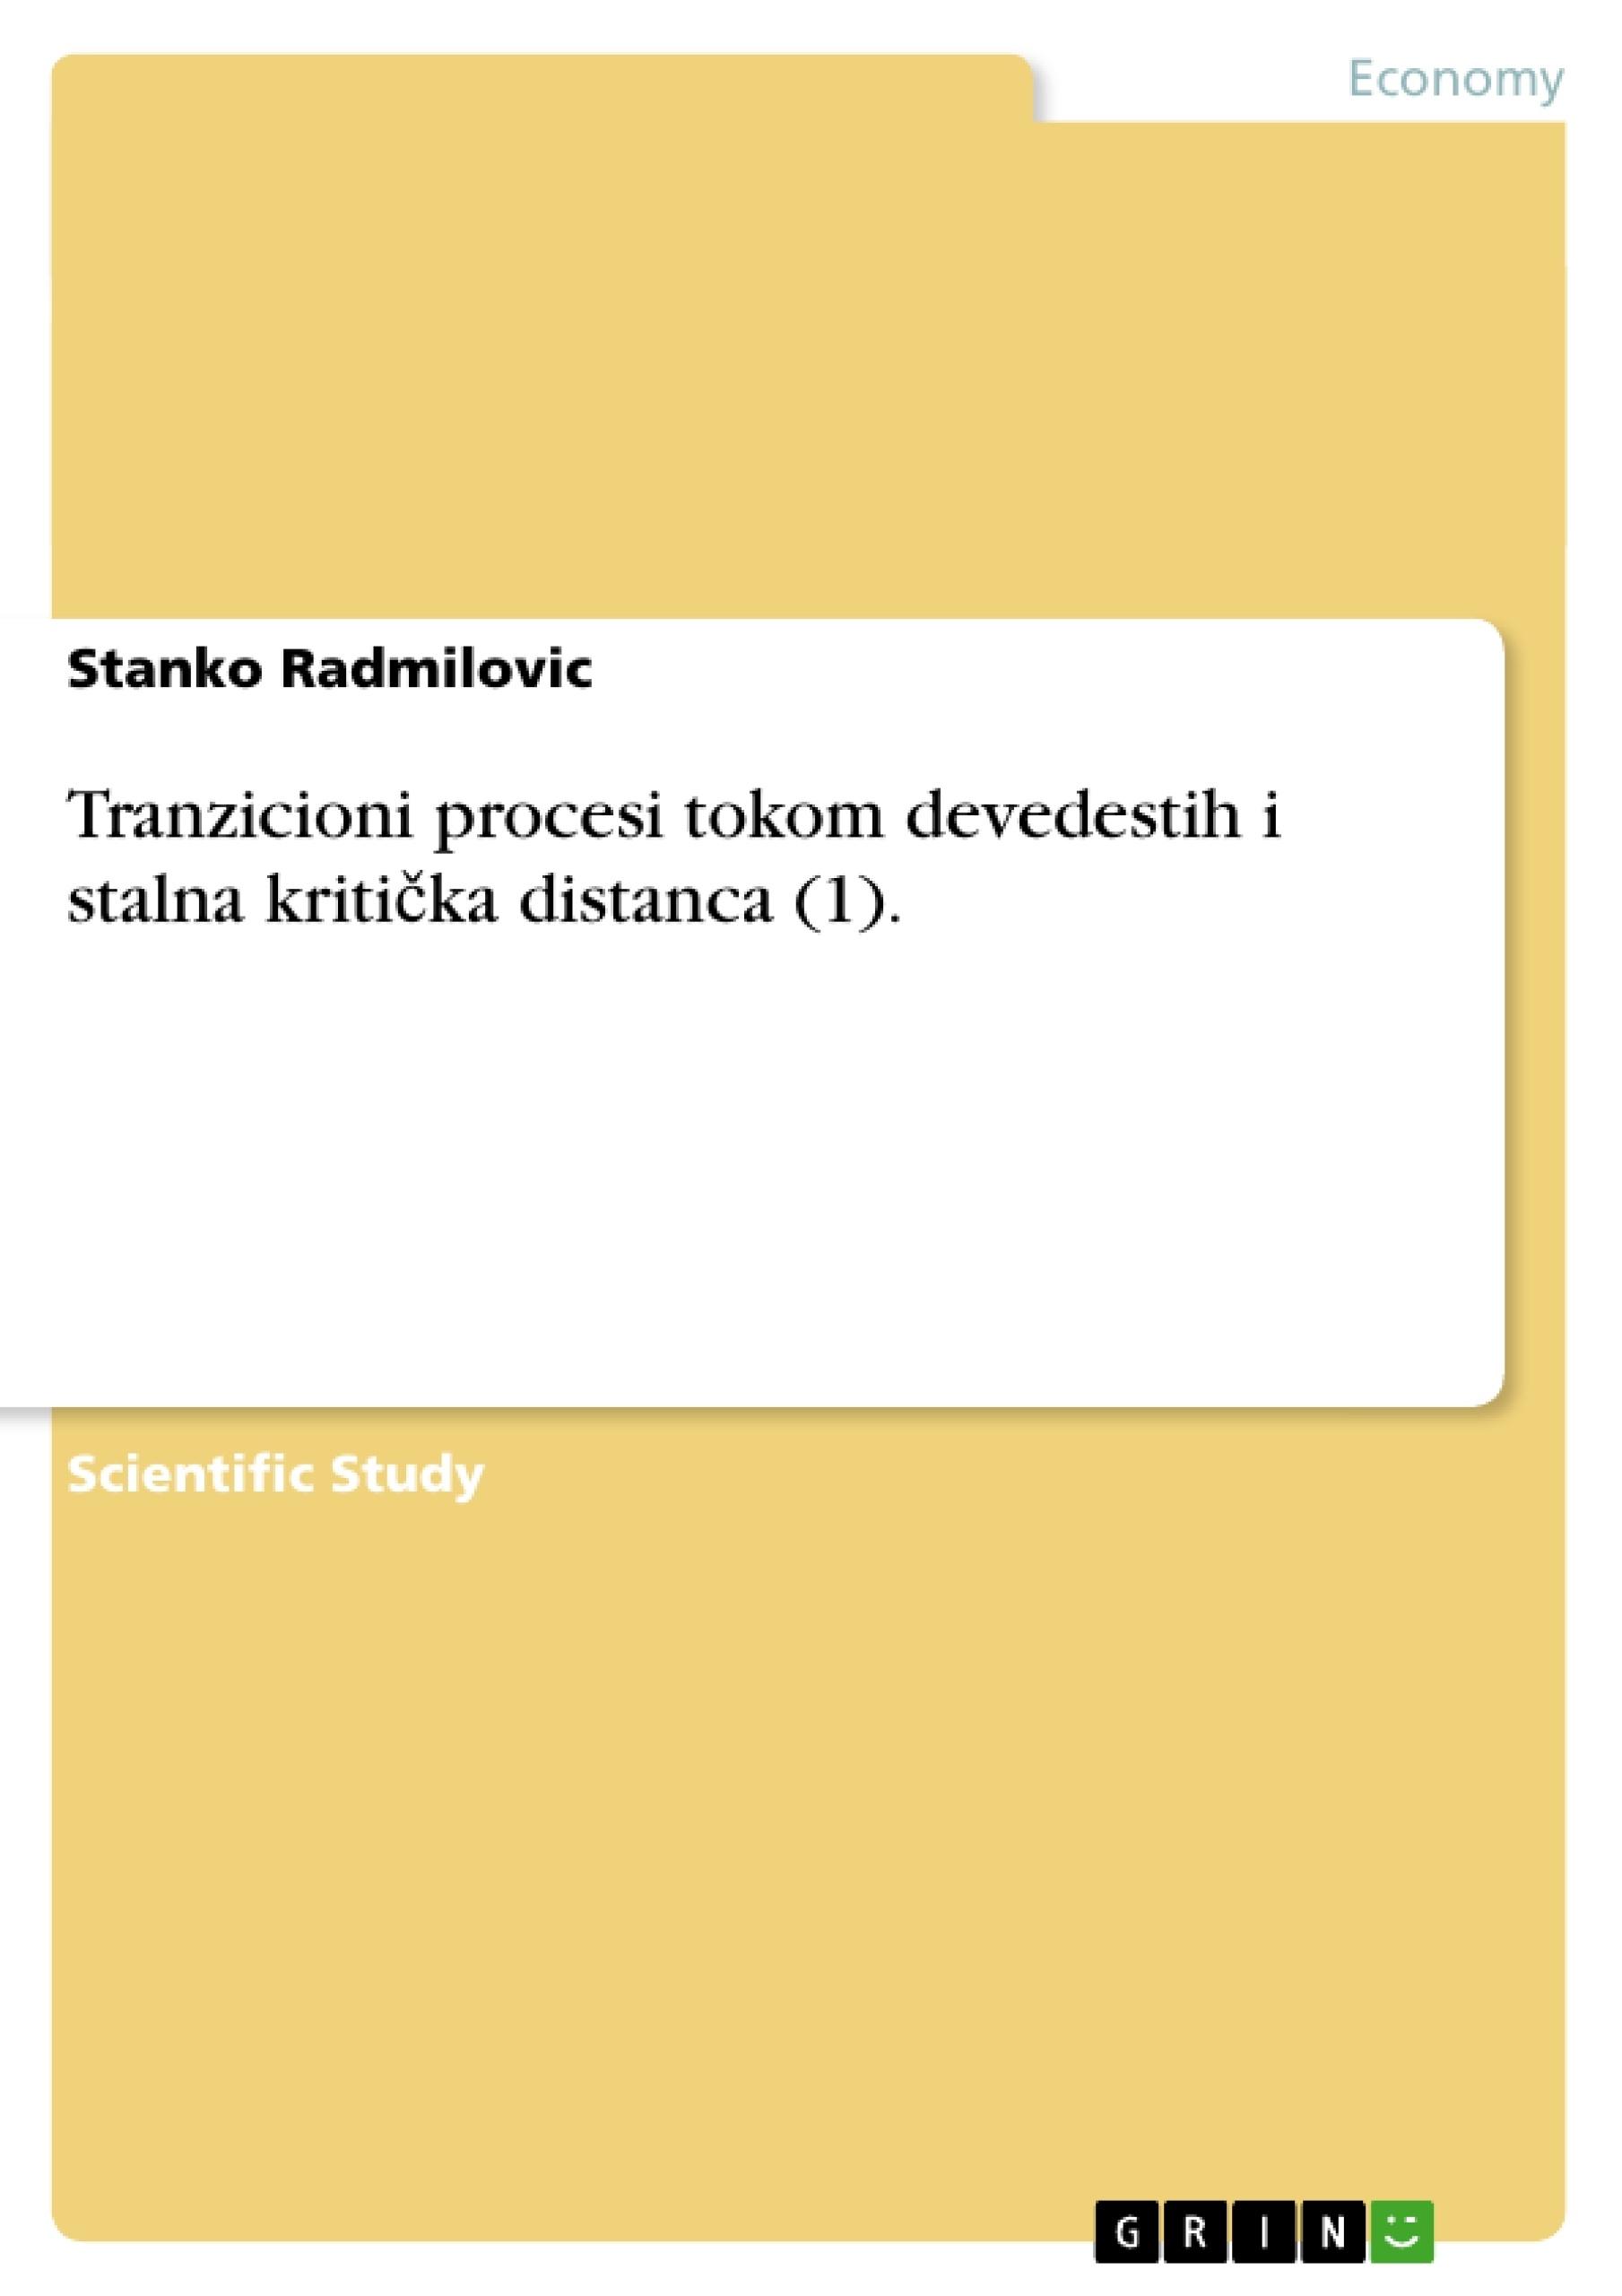 Title: Tranzicioni procesi tokom devedestih i stalna kritička distanca (1).